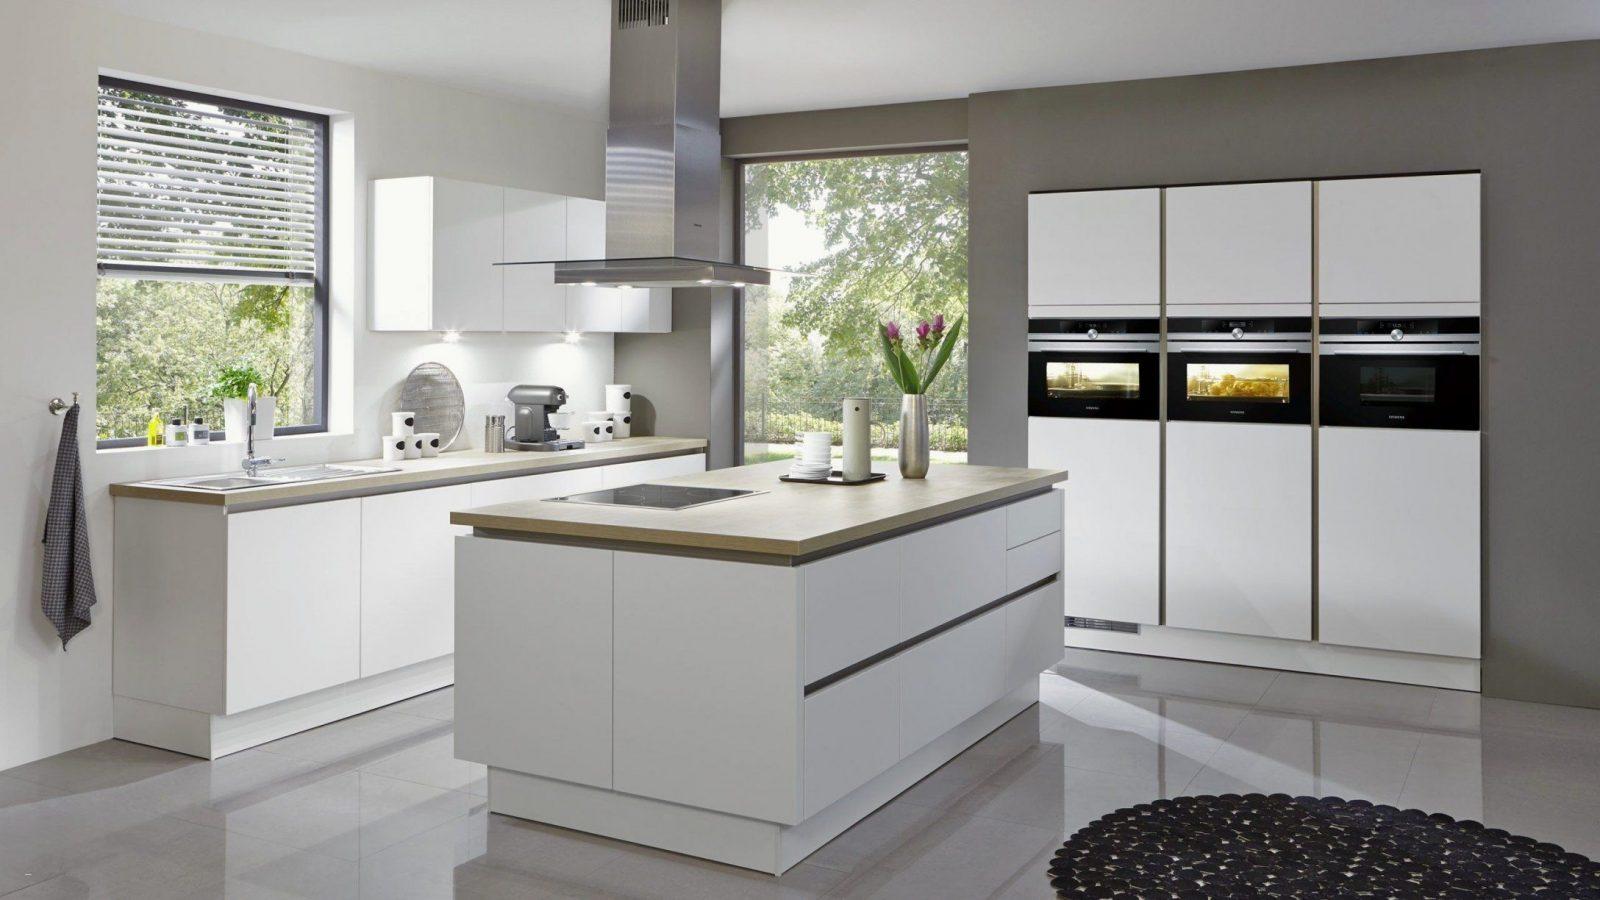 Abwaschbare Farbe Statt Fliesen Küche Best Of 35 Attraktiv Moderne von Abwaschbare Farbe Statt Fliesen Küche Photo